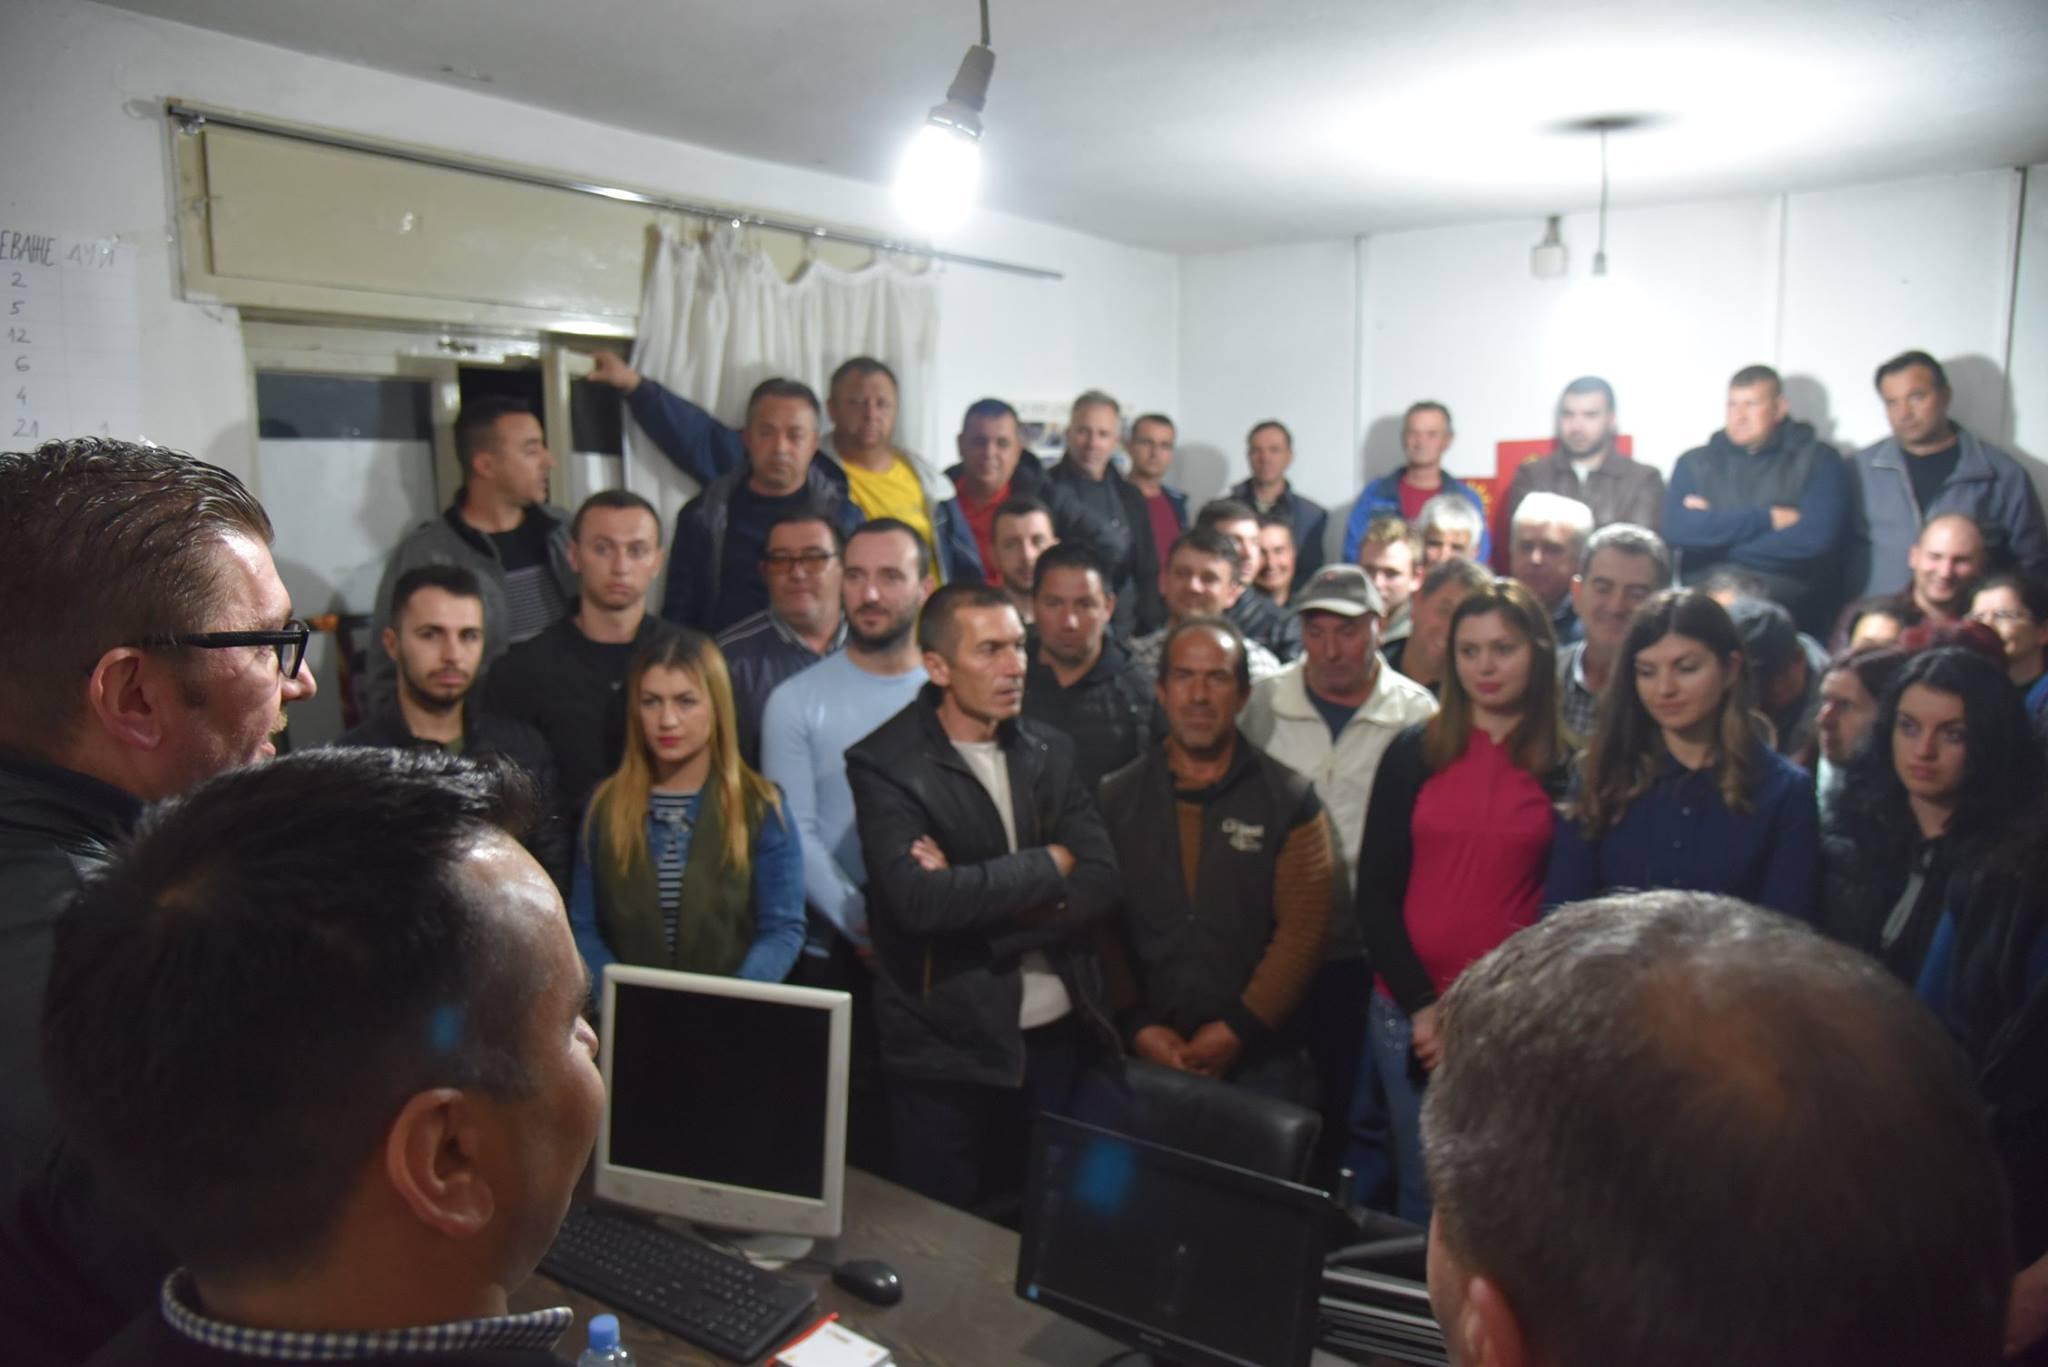 Мицкоски од Василево   СДСМ има само една задача  како да си ја уништат сопствената држава